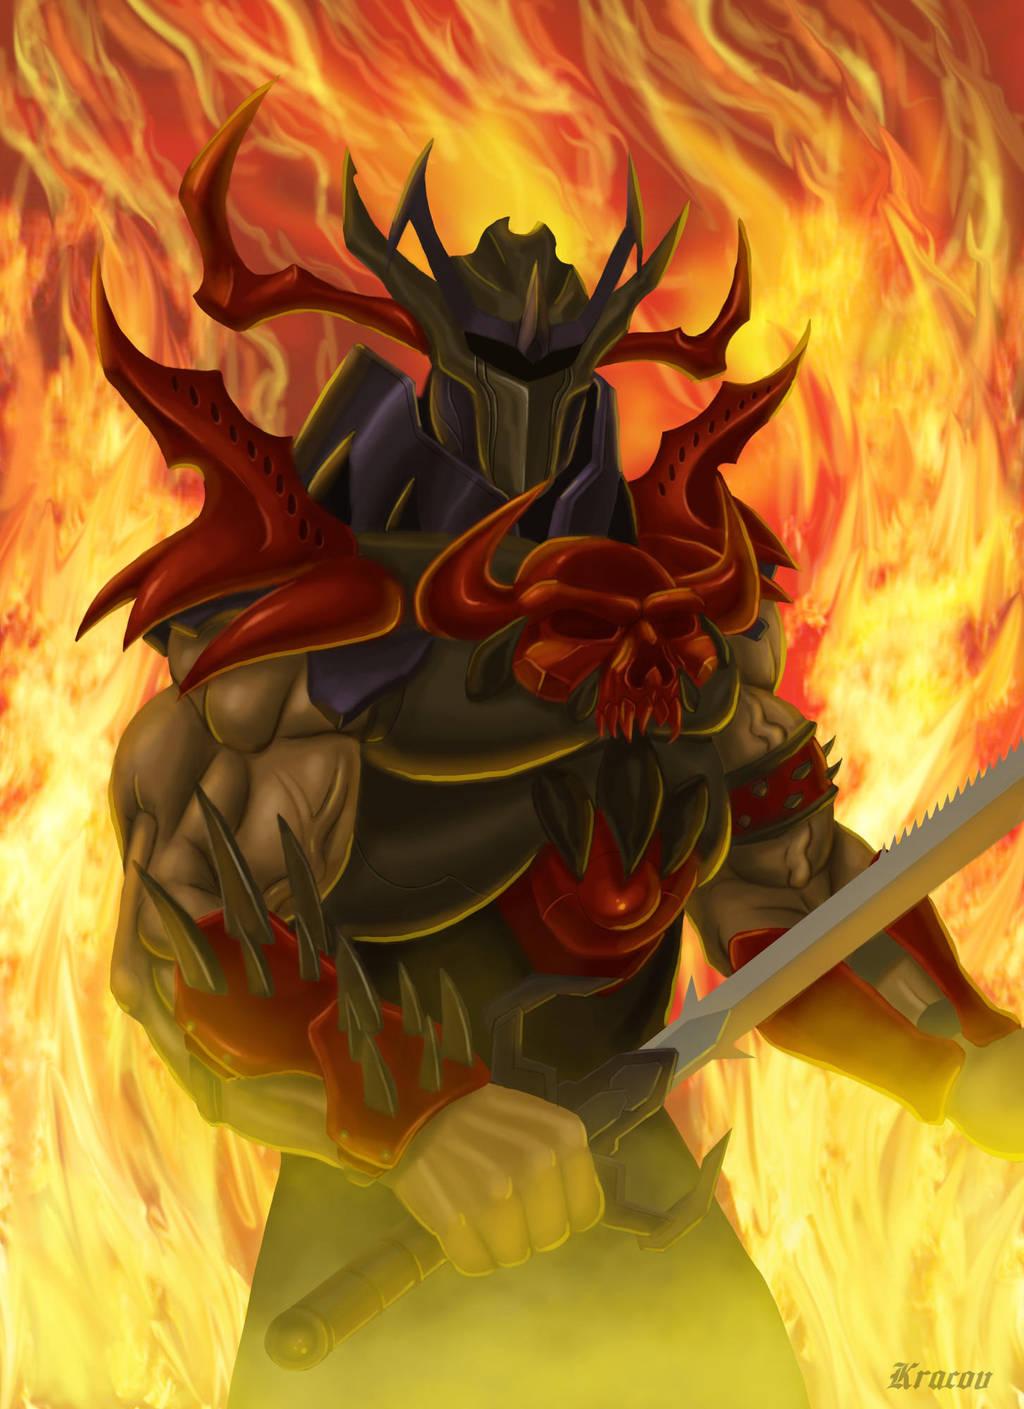 Gothic Warrior by Kracov